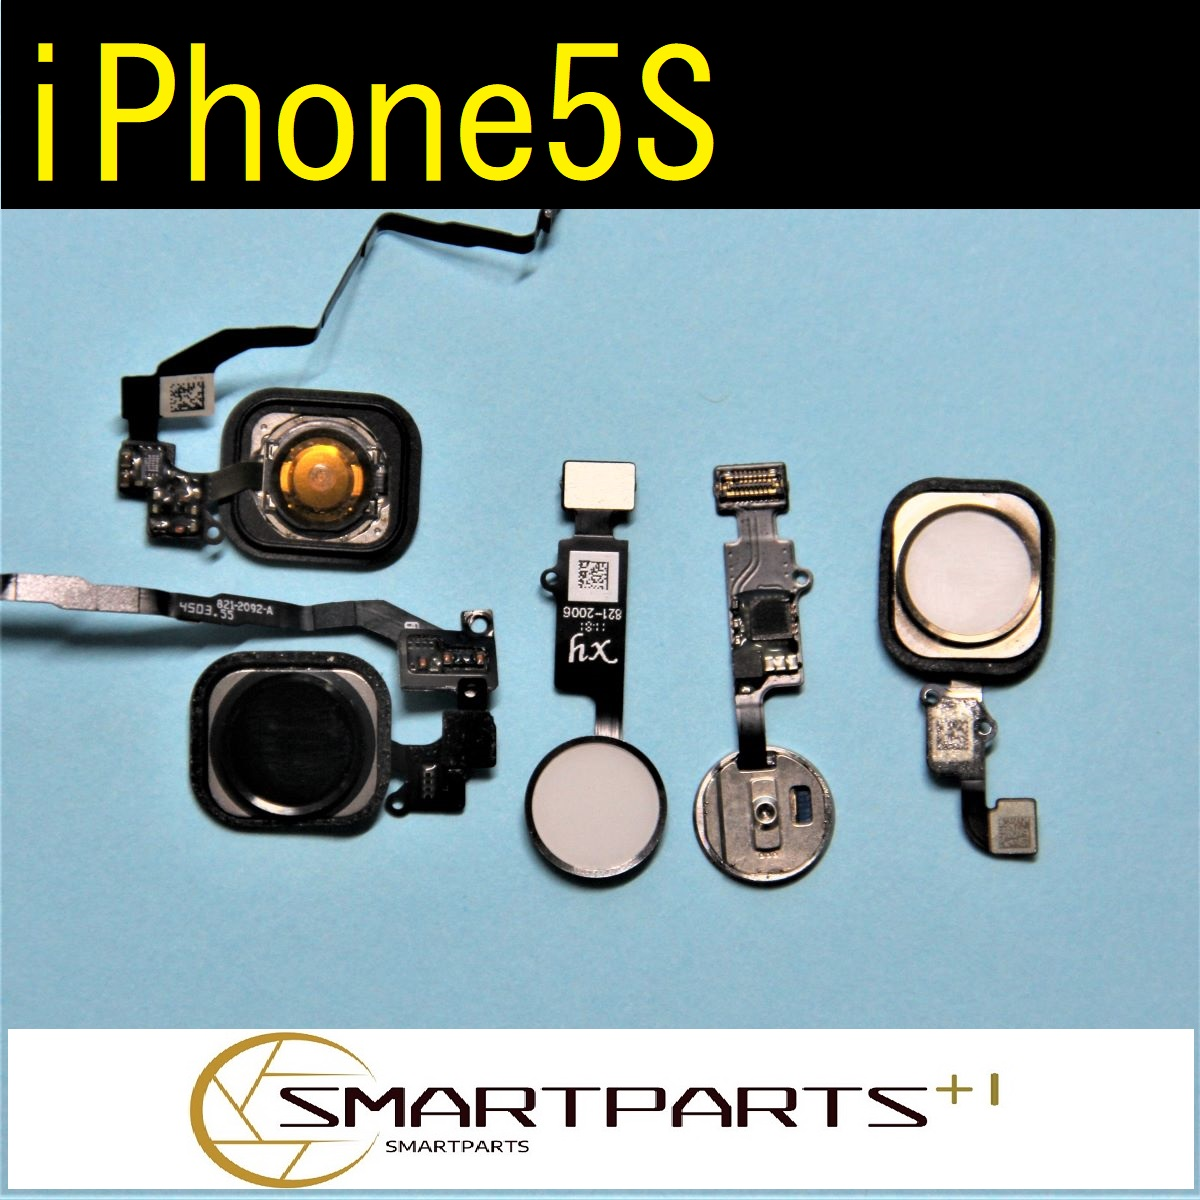 気質アップ iPhone5Sホームボタン 修理工具セット付き 修理交換パーツ DIY修理 アイフォン ID機能は働きません ※Touch 奉呈 リペア部品 リペア部品※Touch